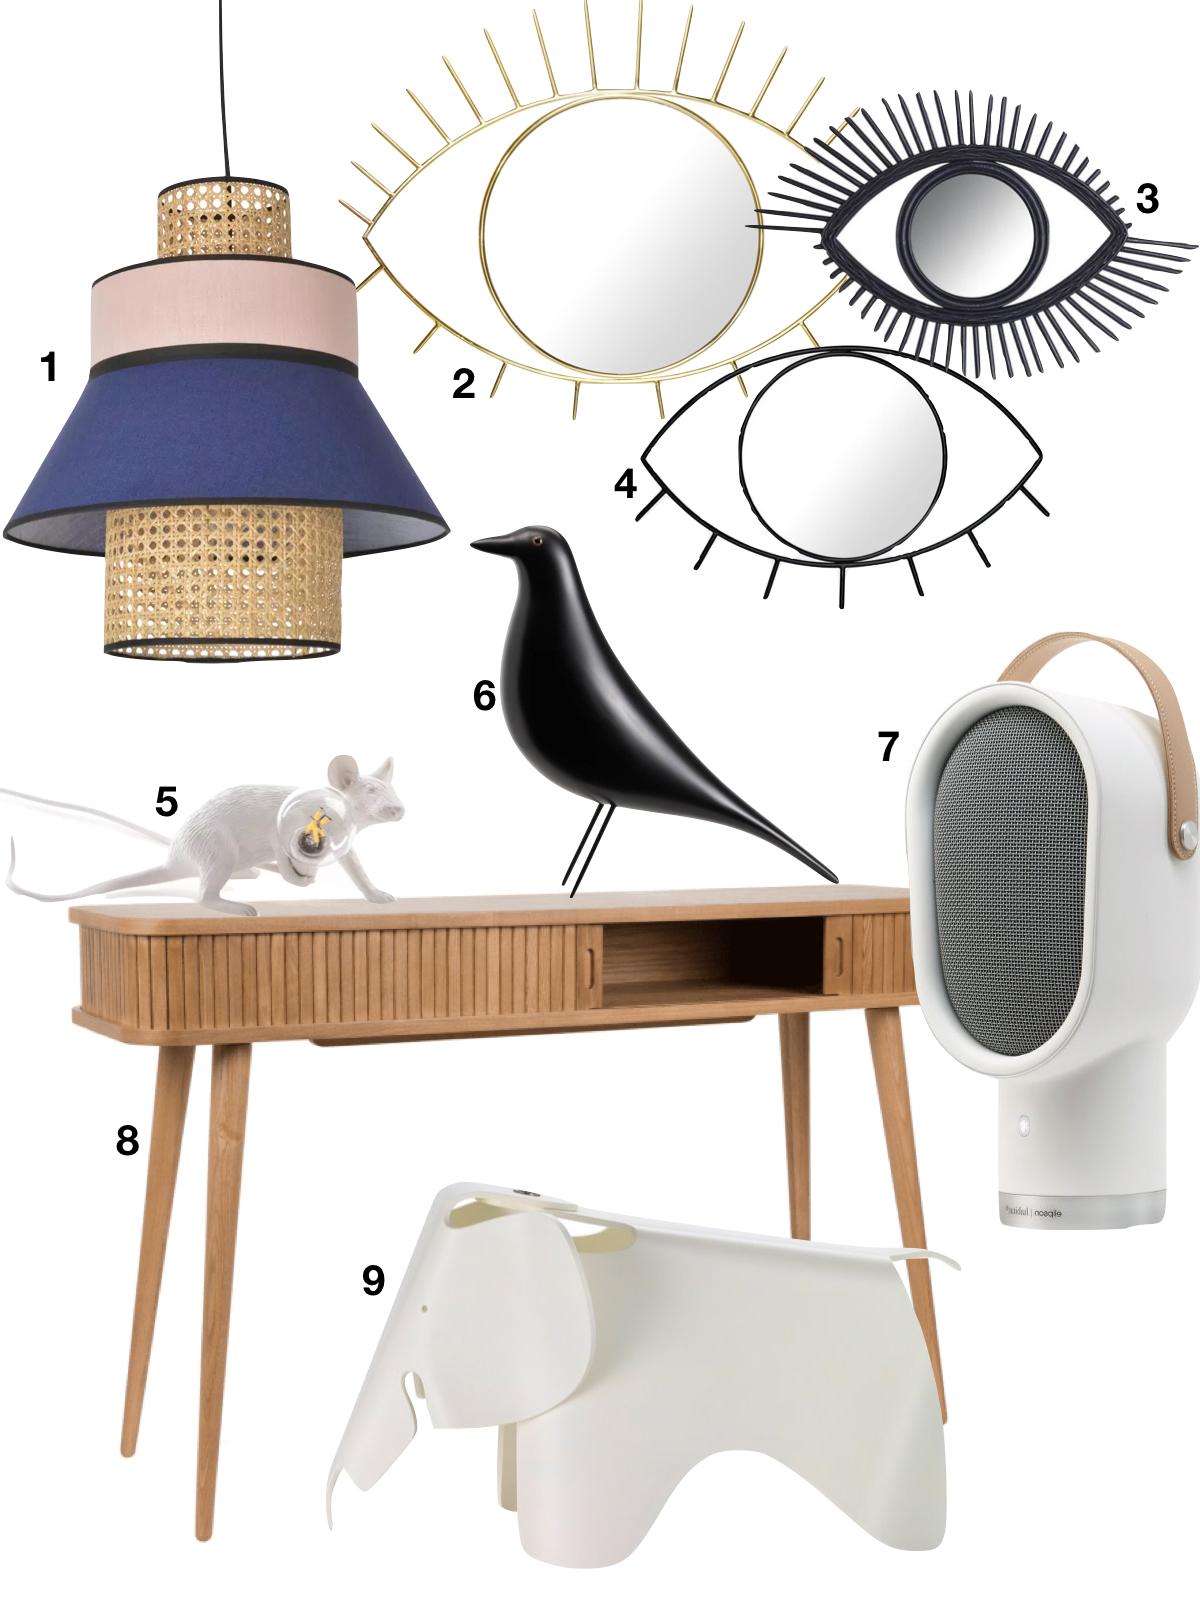 shopping liste suspension rotin miroir oeil console harto eames oiseau éléphant enceinte habitat - blog clematc